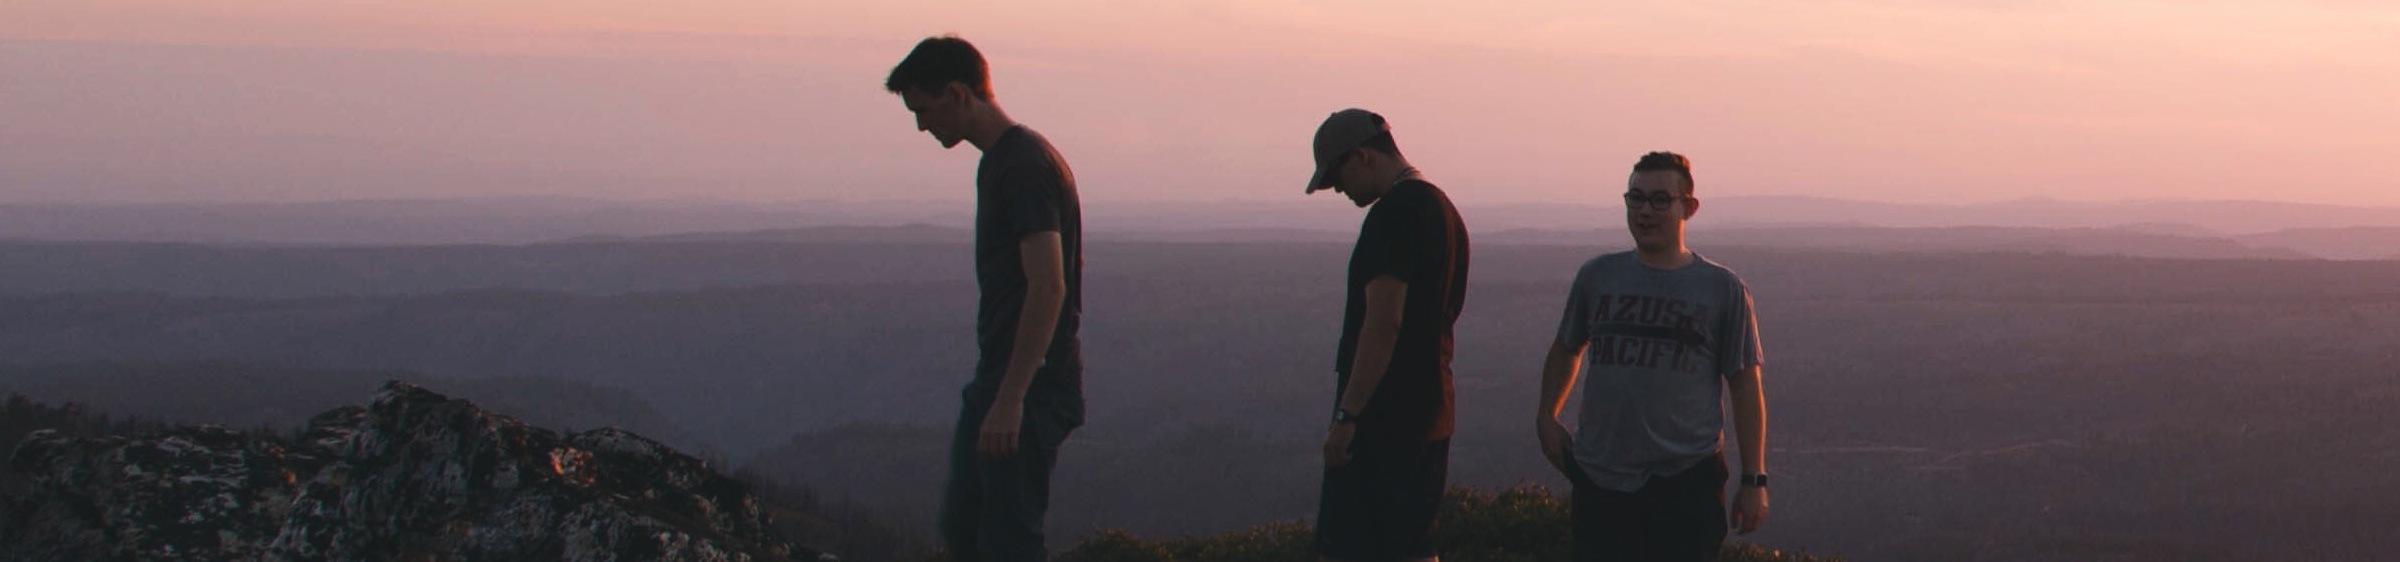 Three men looking at a view